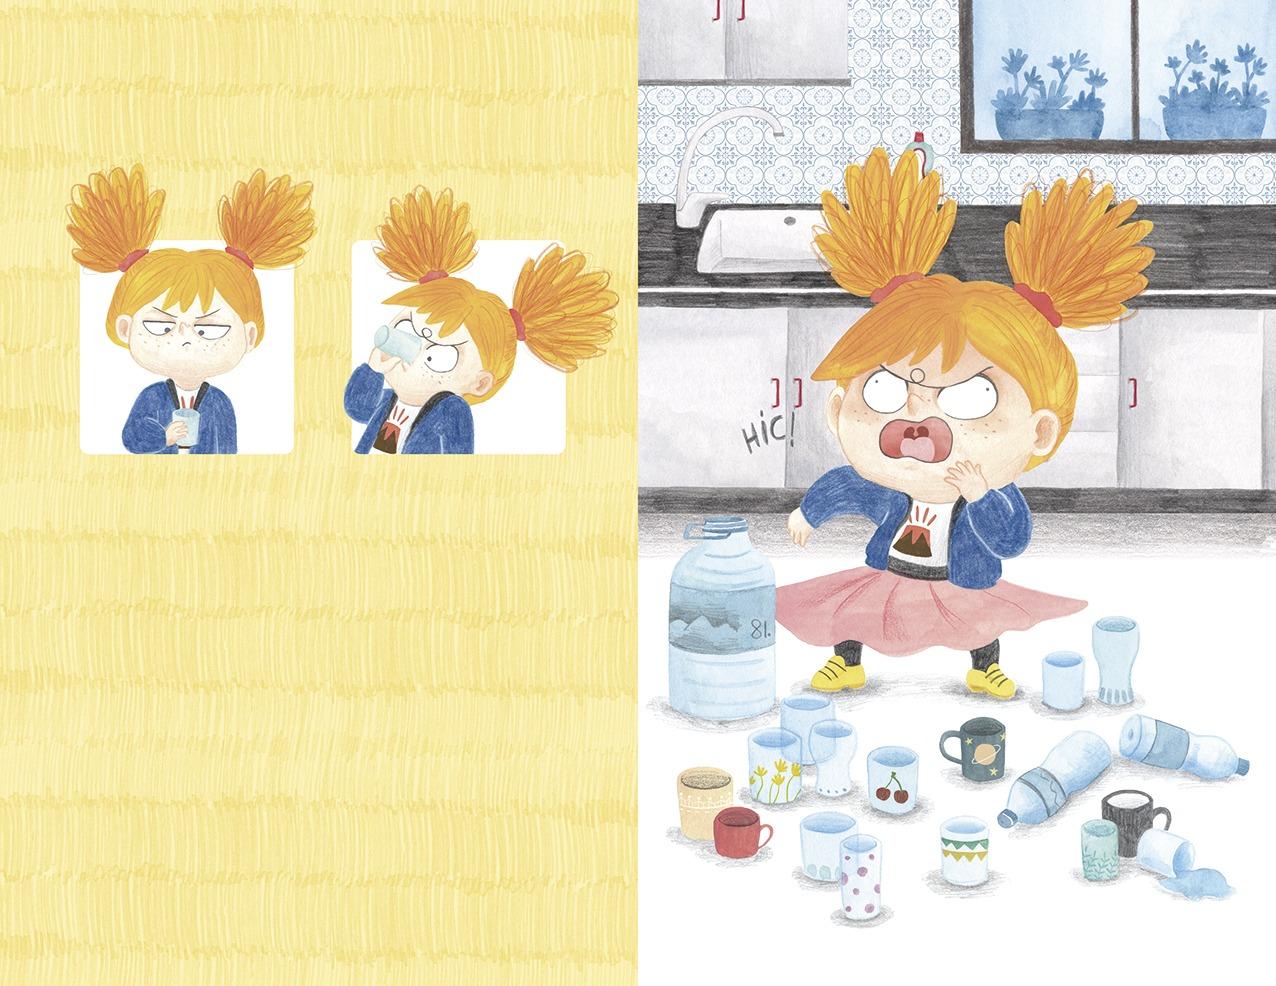 Ana está furiosa, ilustración infantil, ilustración para niños, niña enfadada, Christine Nöstlinger, Mar Villar, El Barco de Vapor, SM, ilustración de niña bebiendo agua,